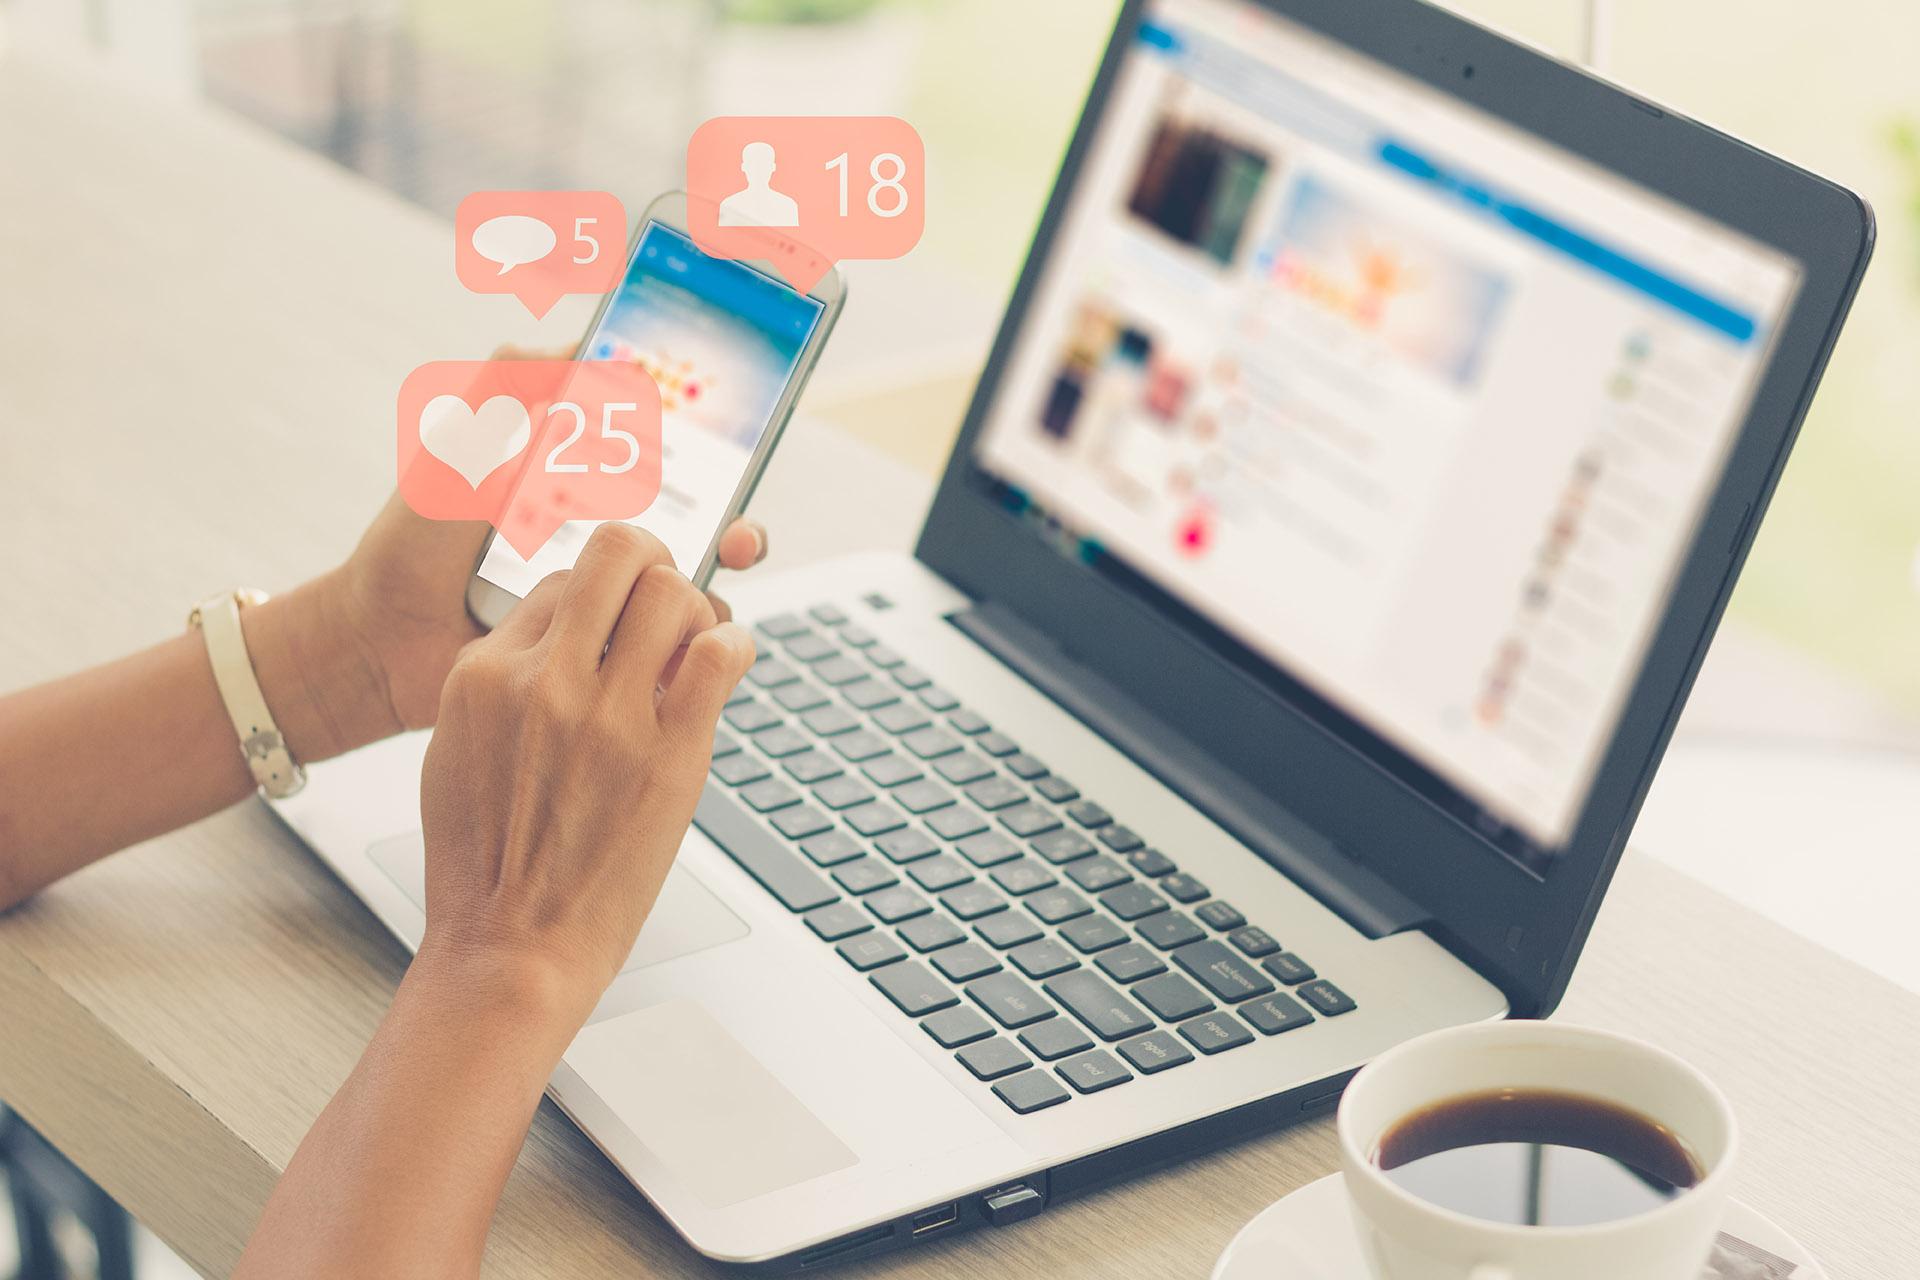 social media hearts on phone